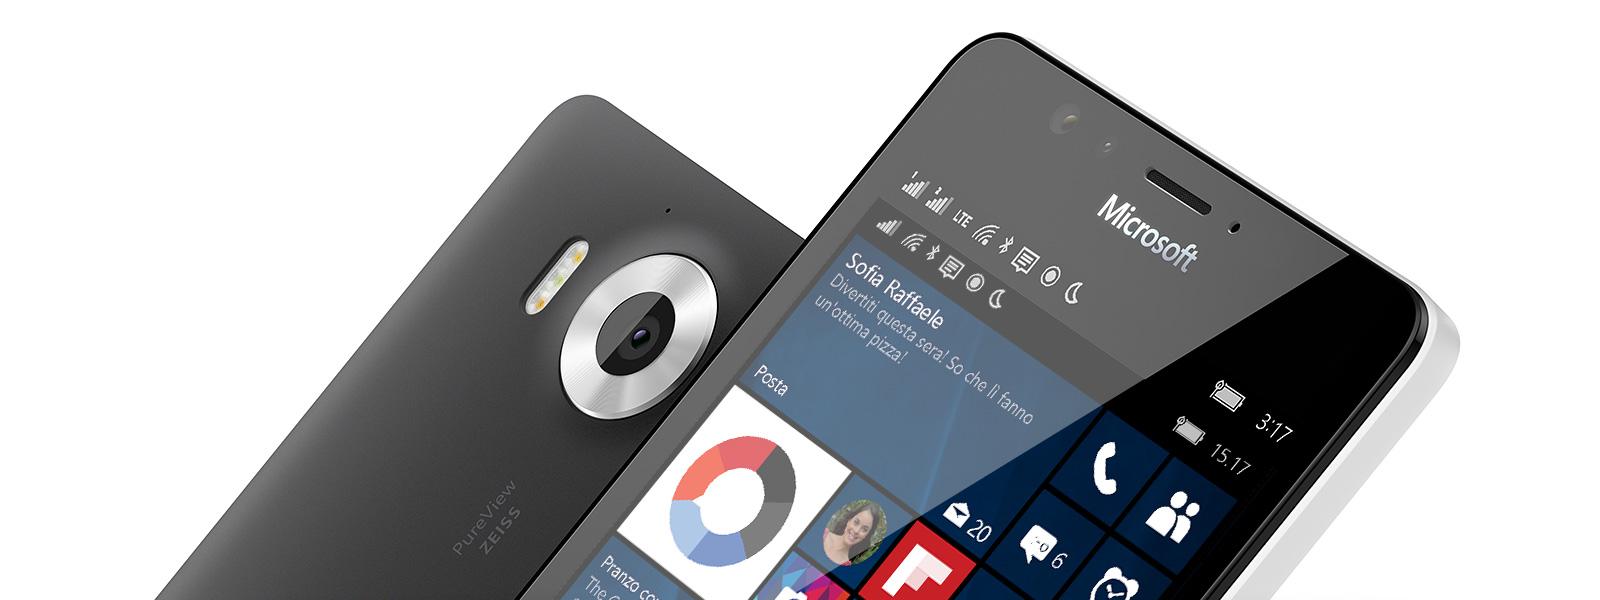 Aggiornamento-ottobre-2018-Windows-10-Mobile